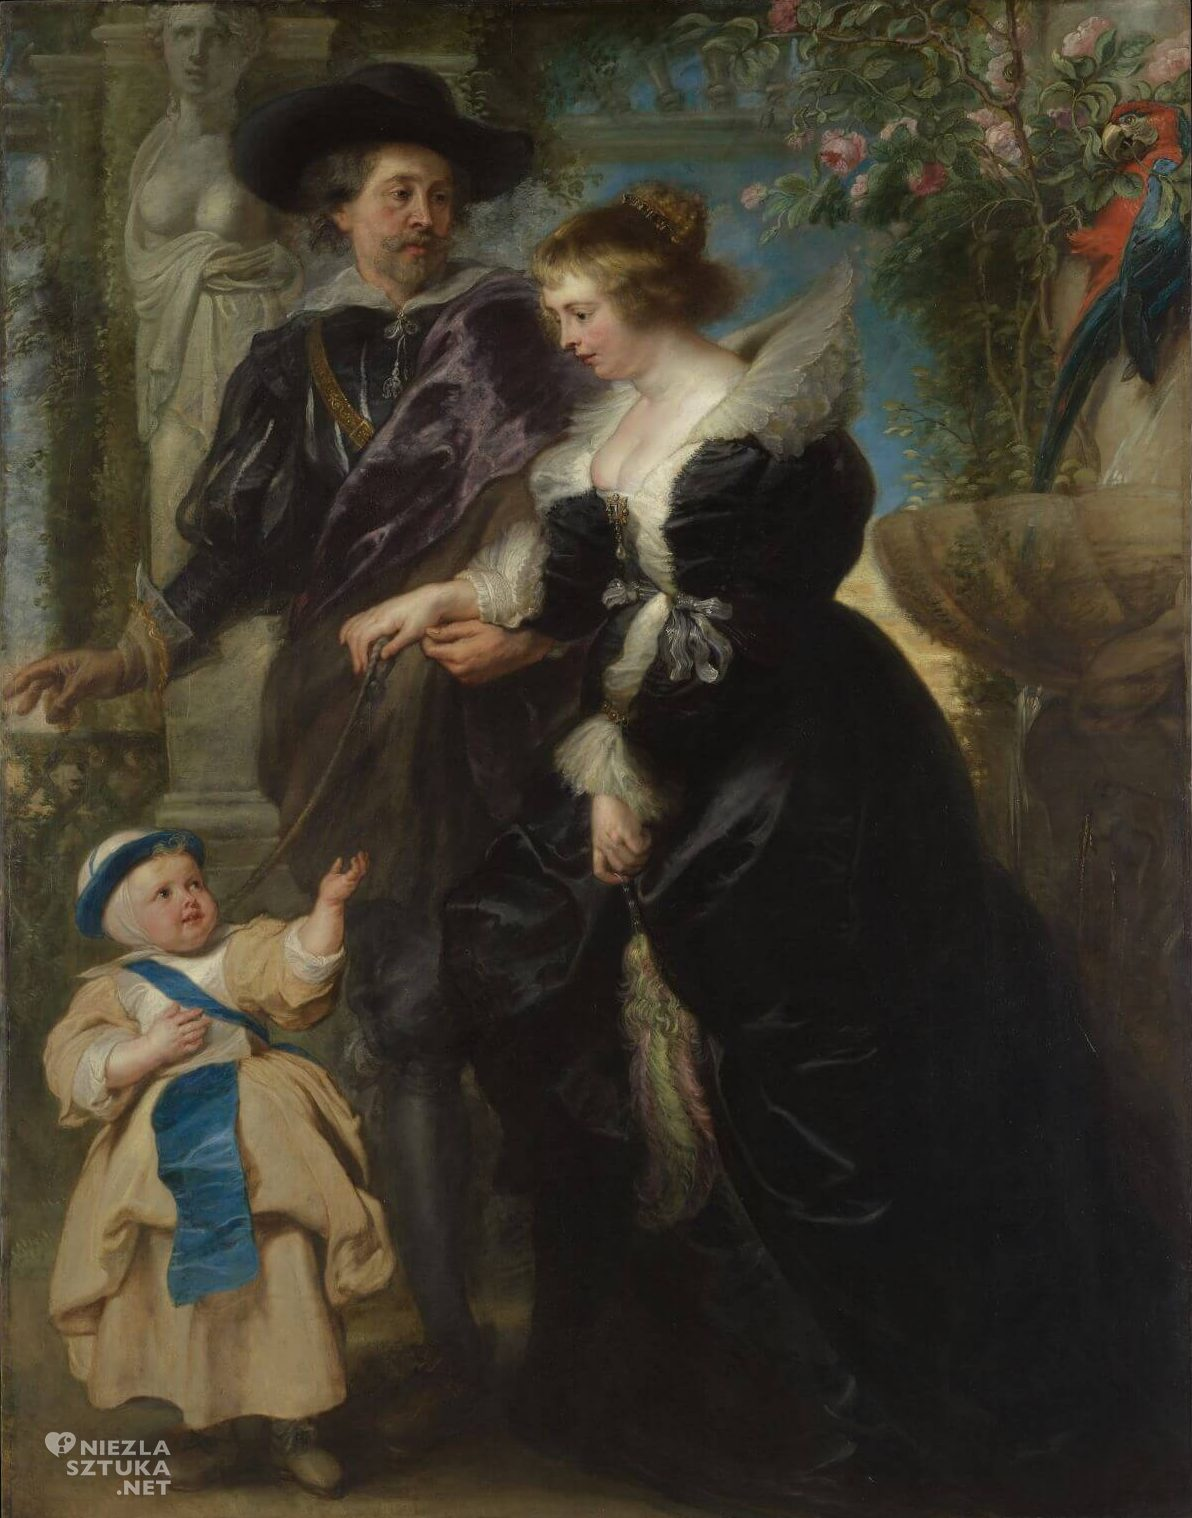 Peter Paul Rubens, Autoportret z Heleną Fourment i synem Fransem, sztuka flamandzka, malarstwo flamandzkie, Niezła sztuka